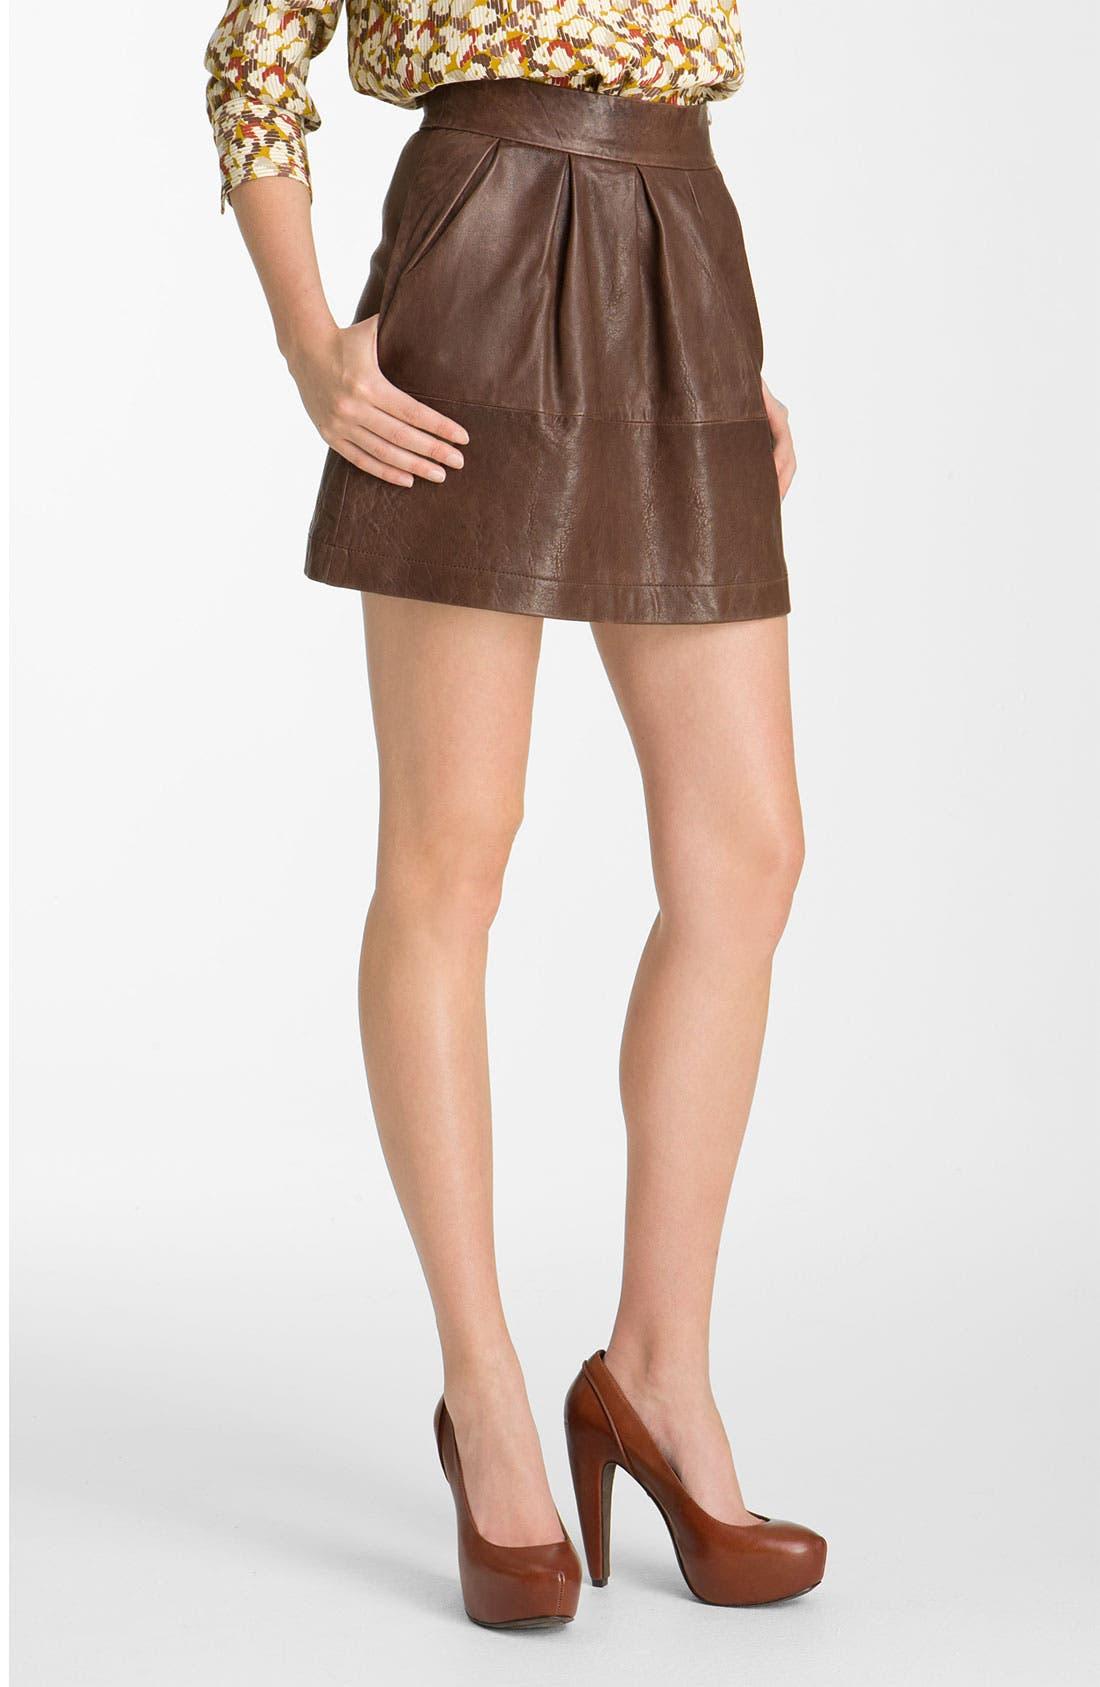 Alternate Image 1 Selected - Paul & Joe Sister 'Cartell' Leather Skirt